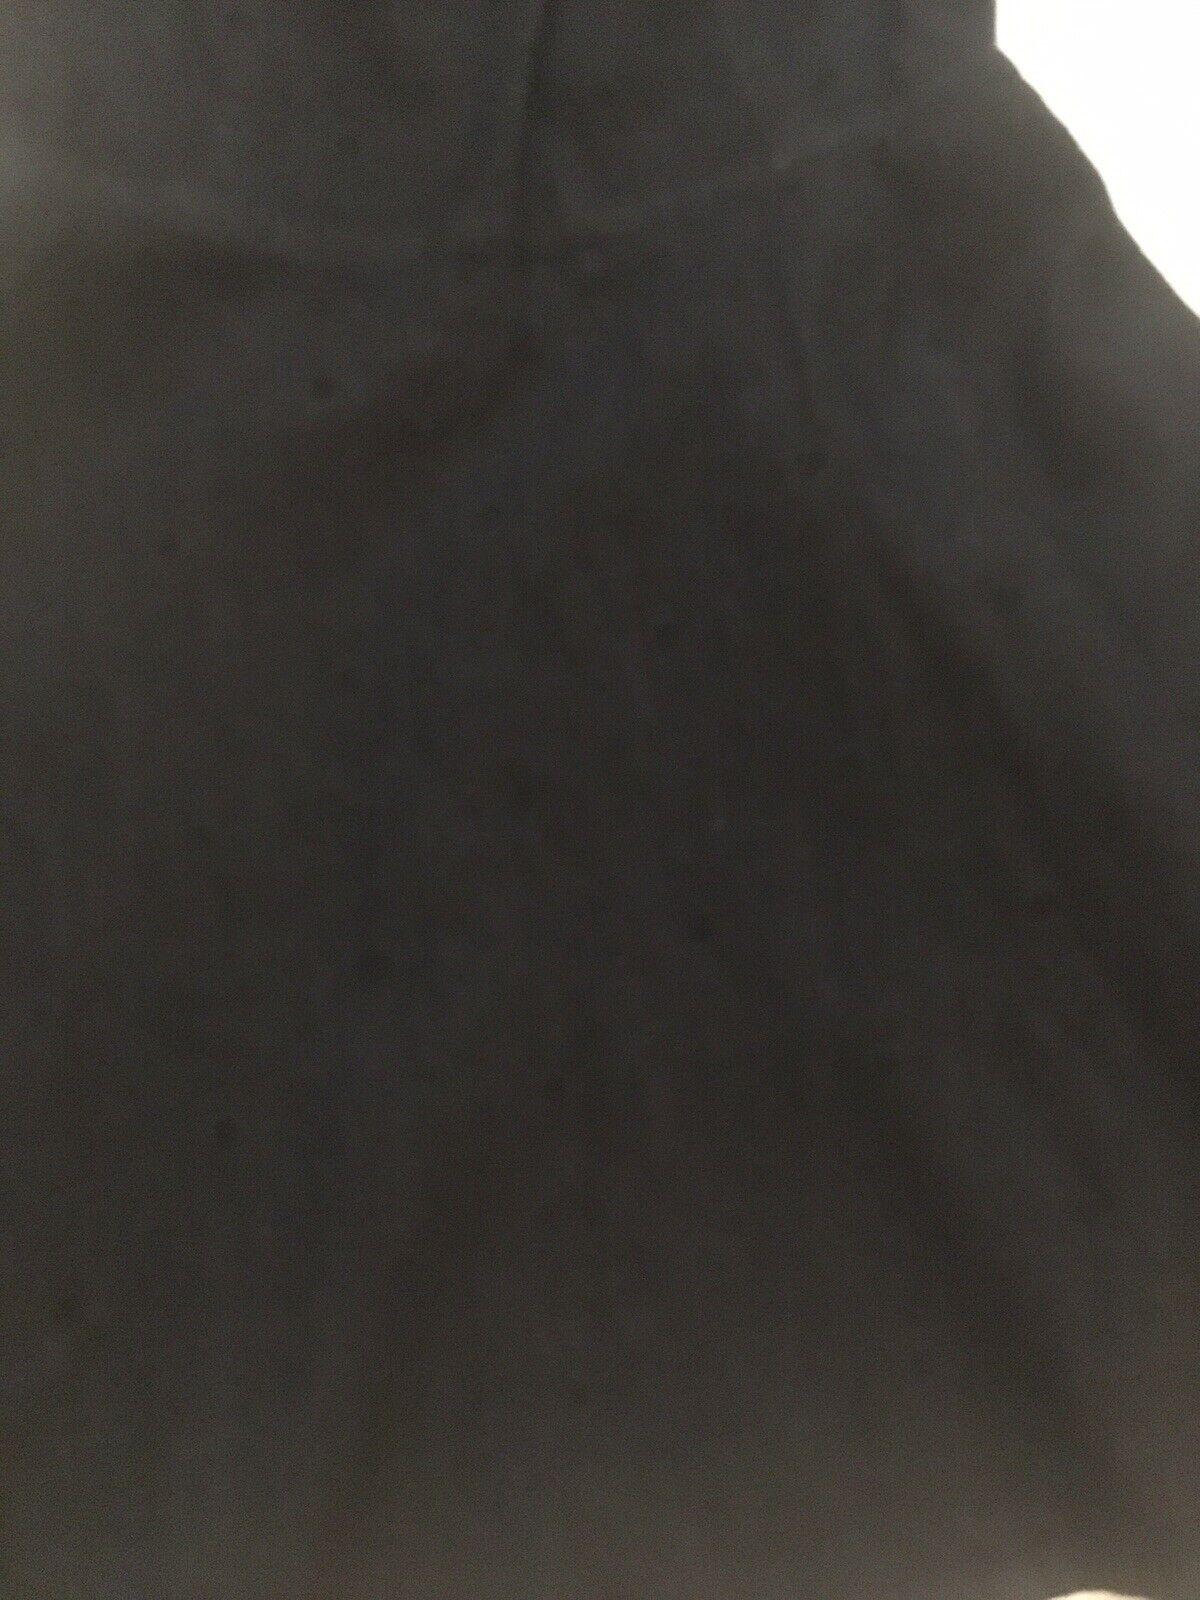 Gap Dark Wash Denim Jumper Dress Polka Dots Sz 0 … - image 4